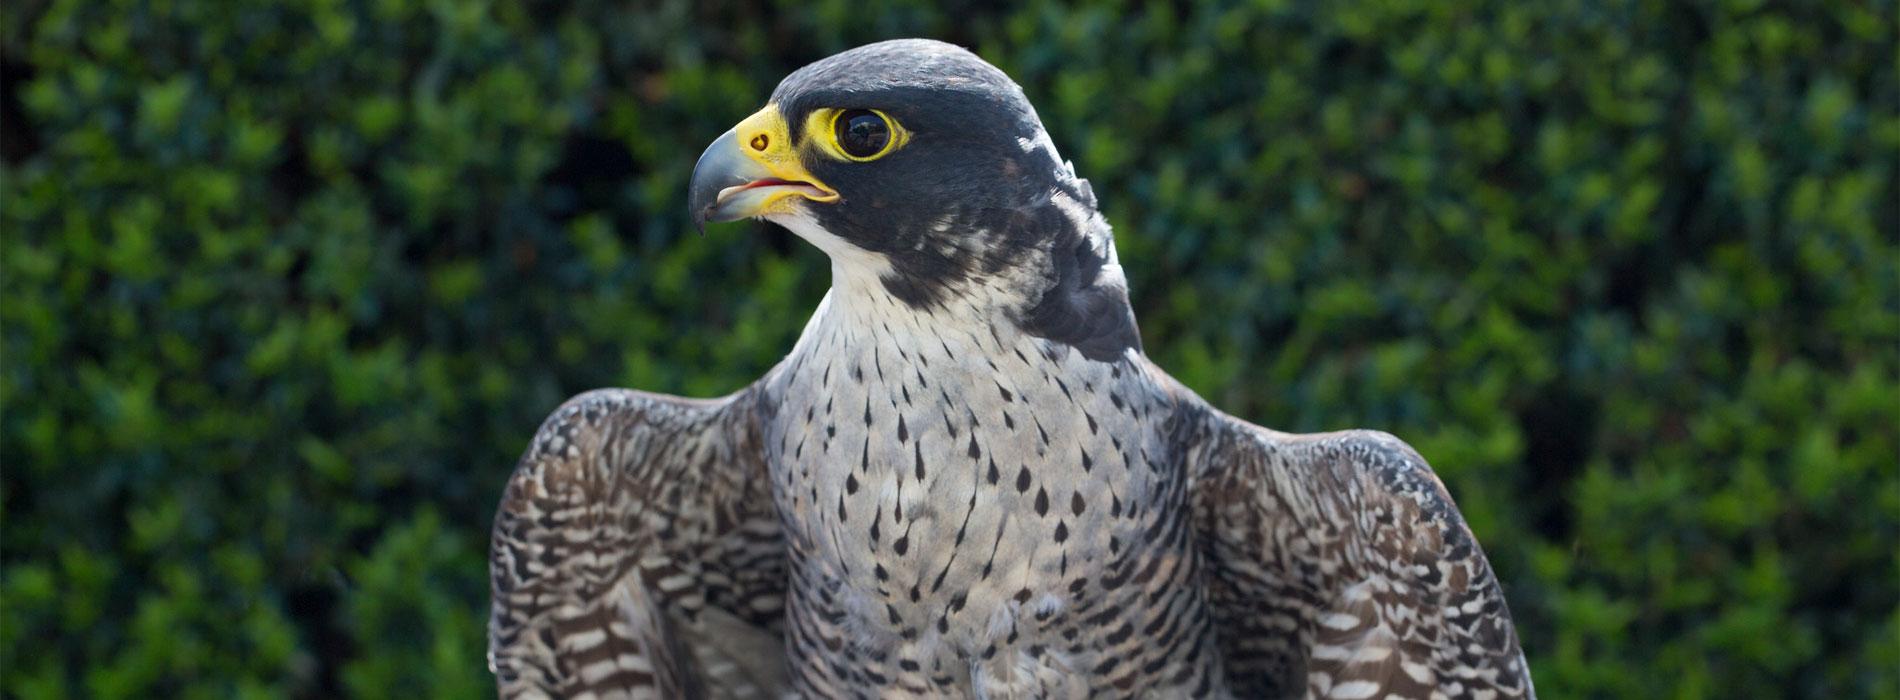 Falcon perched